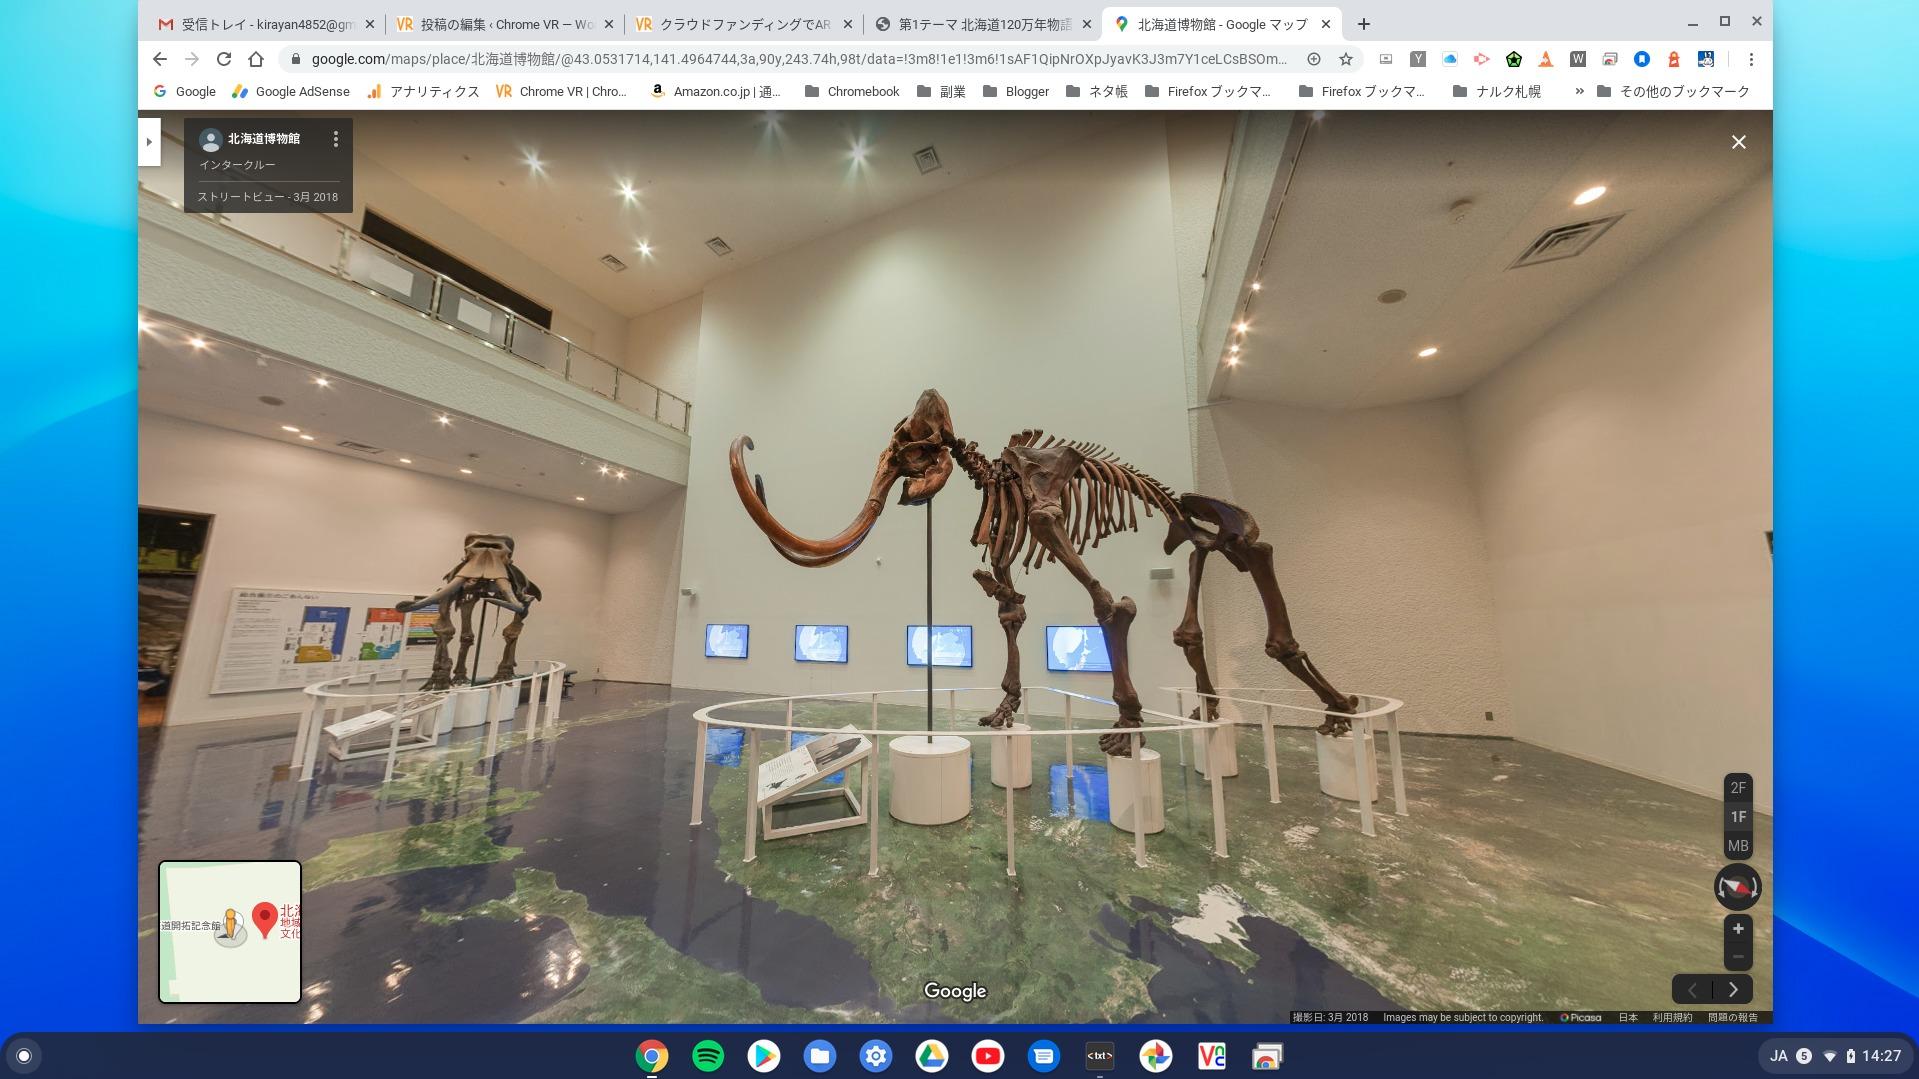 バーチャル北海道博物館 VR Googleマップ ストリートビュー